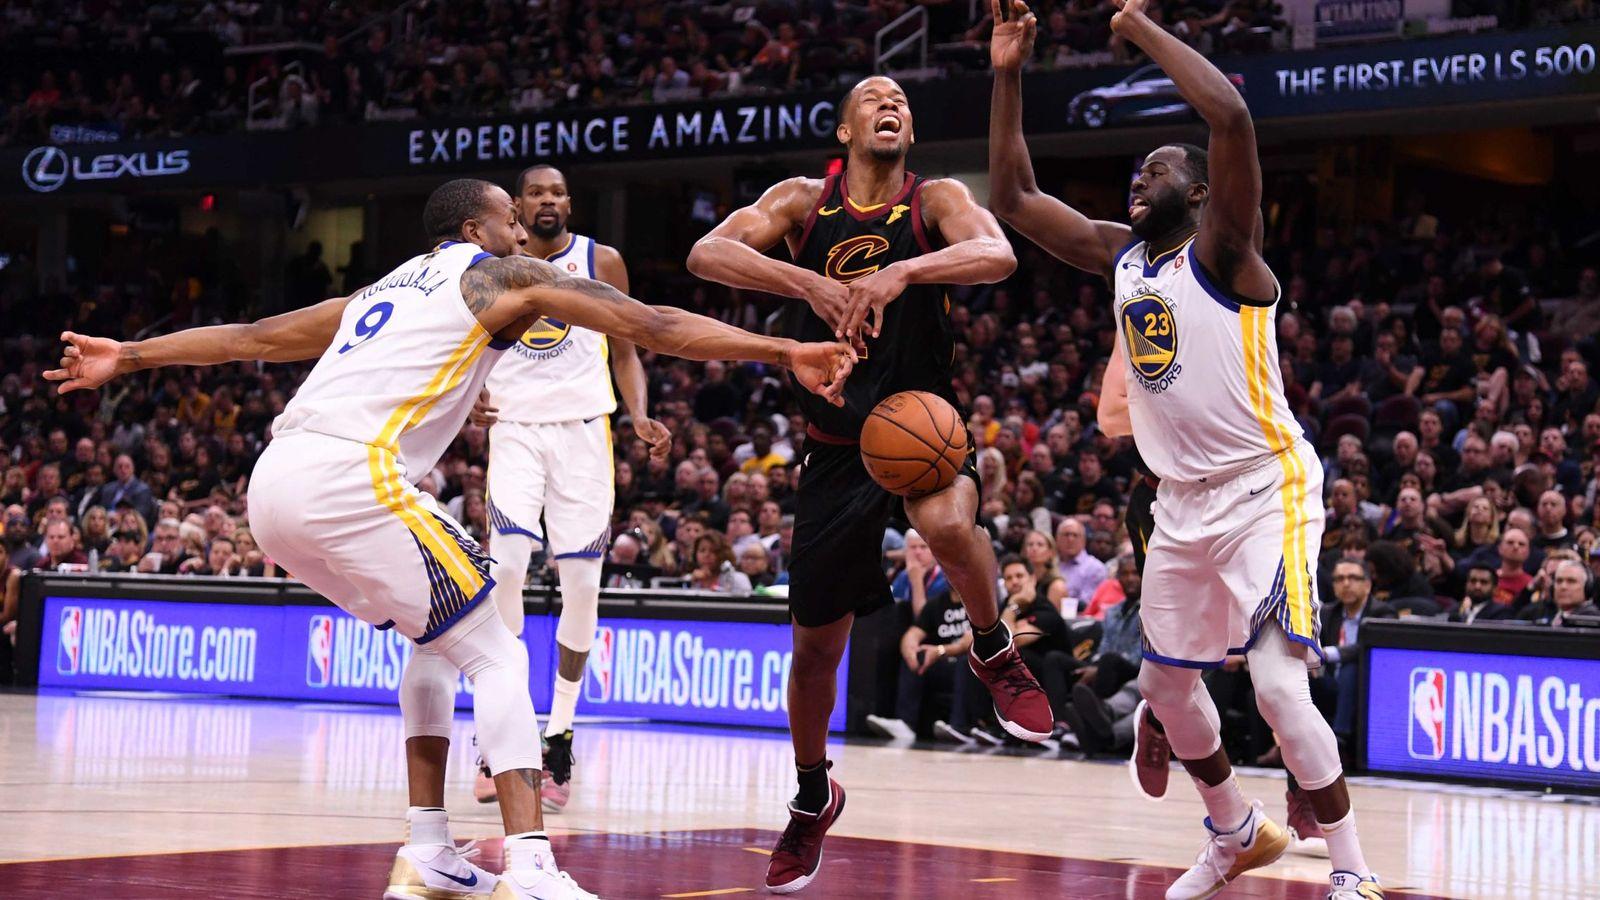 Préstamo de dinero Limitado Objeción  NBA: La NBA permitirá que los jugadores elijan sus propios colores en las  zapatillas